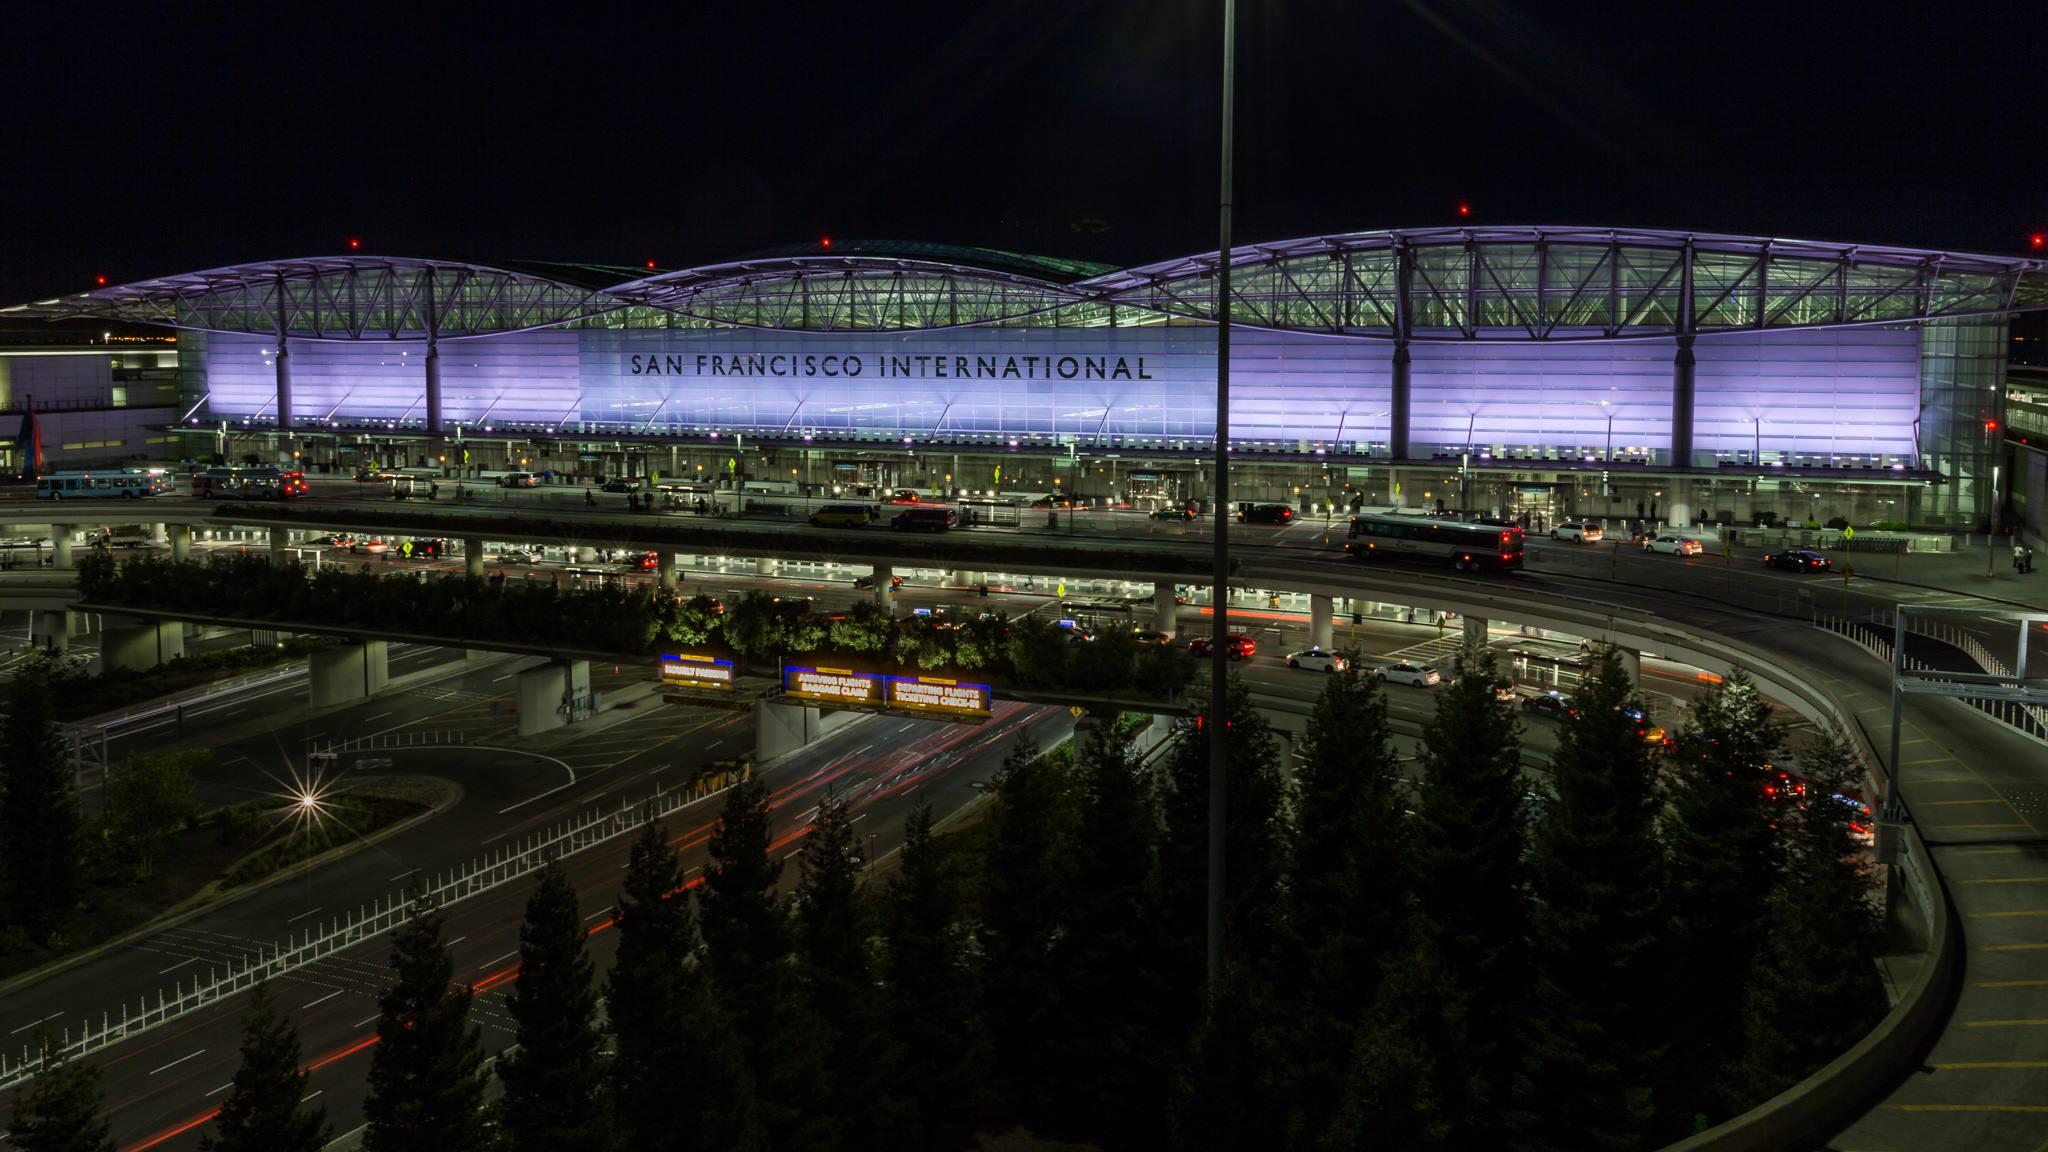 美國.舊金山|舊金山機場轉機 五個步驟美國城市飛透透